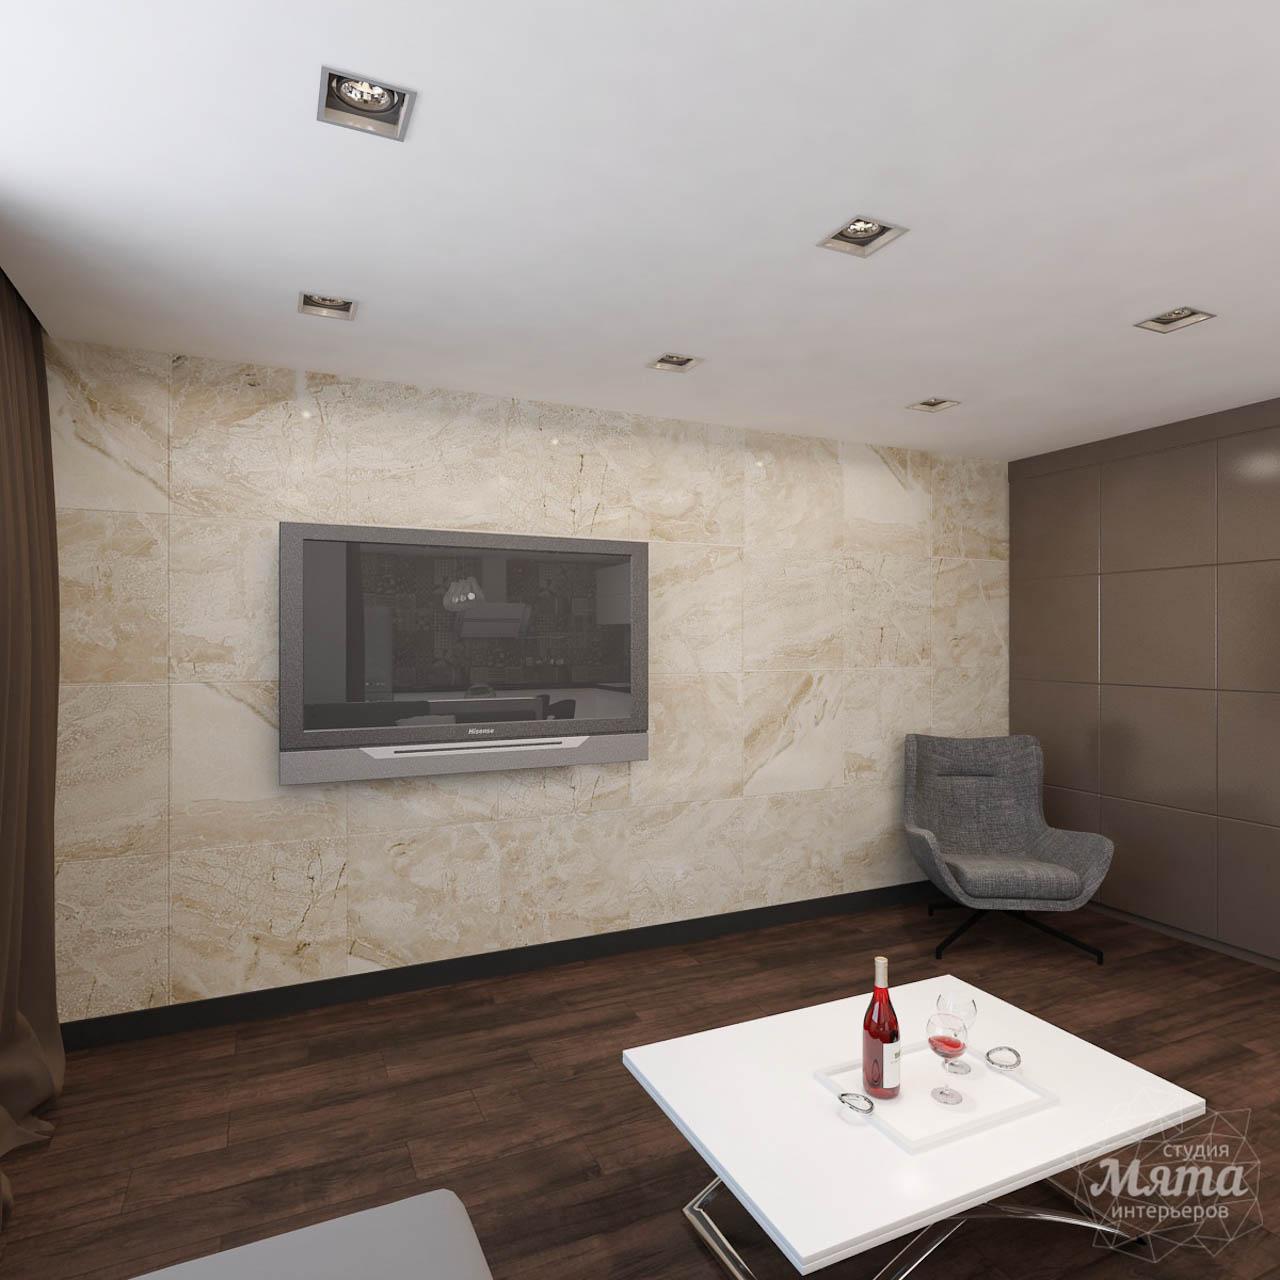 Дизайн интерьера однокомнатной квартиры по ул. Гагарина 27 img1733651000